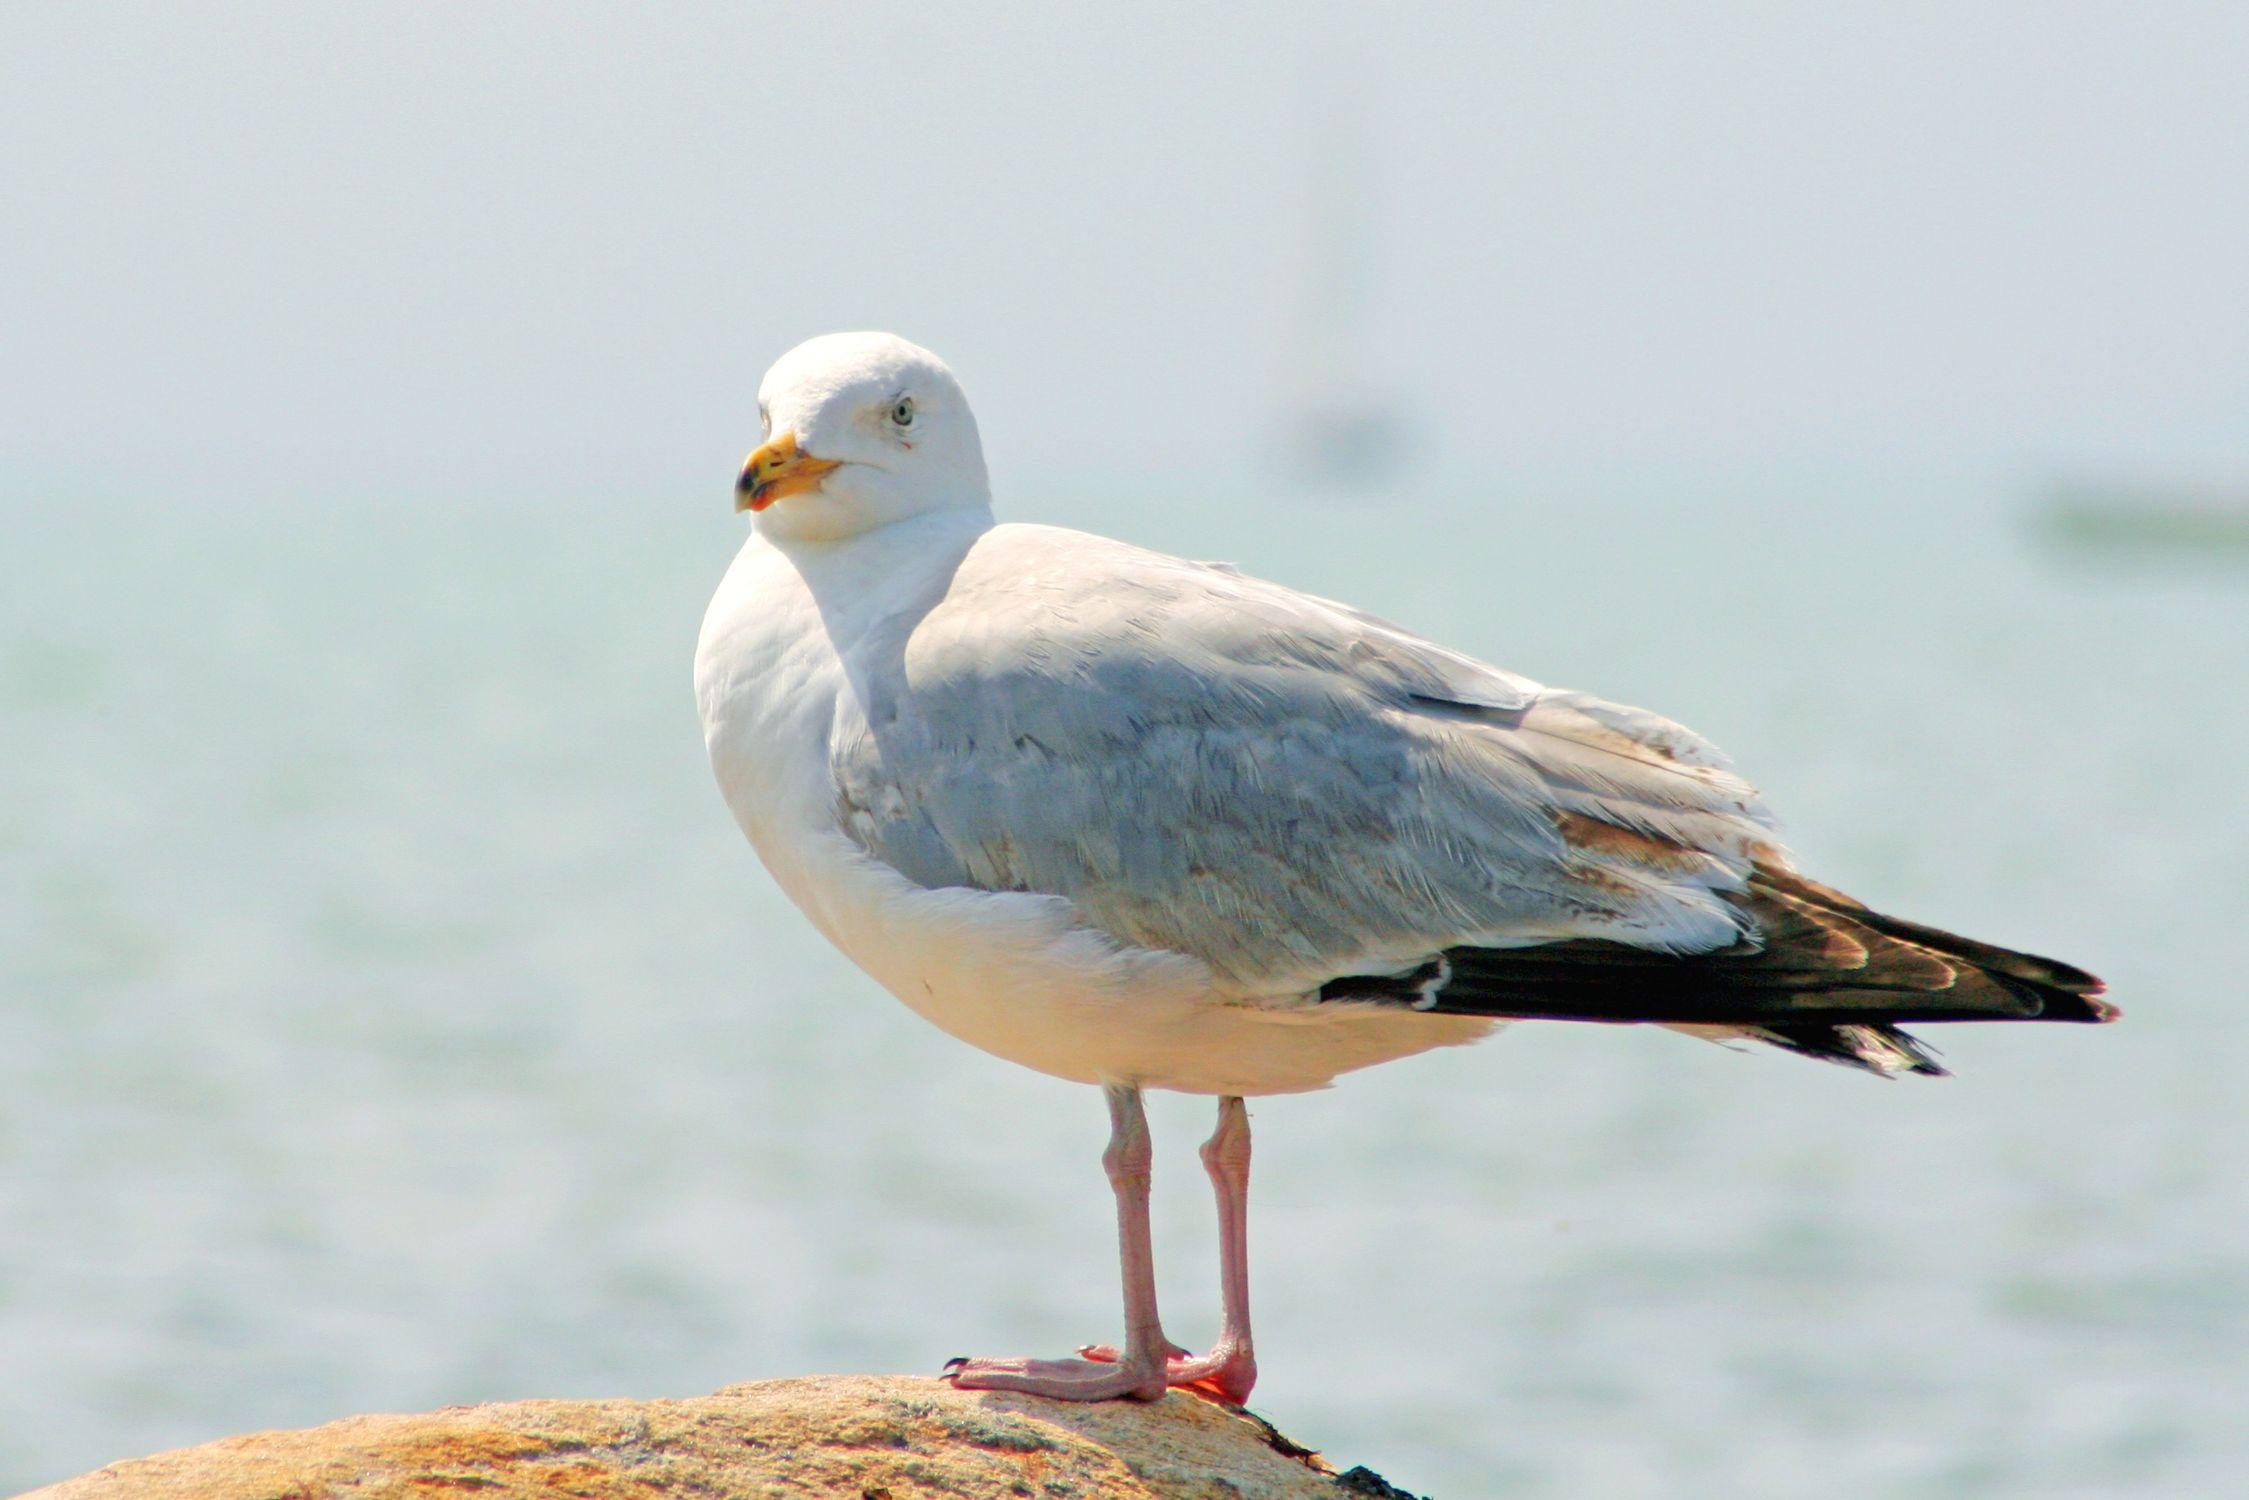 Bild mit Gegenstände, Tiere, Natur, Vögel, Wasservögel, Möwen, Federn